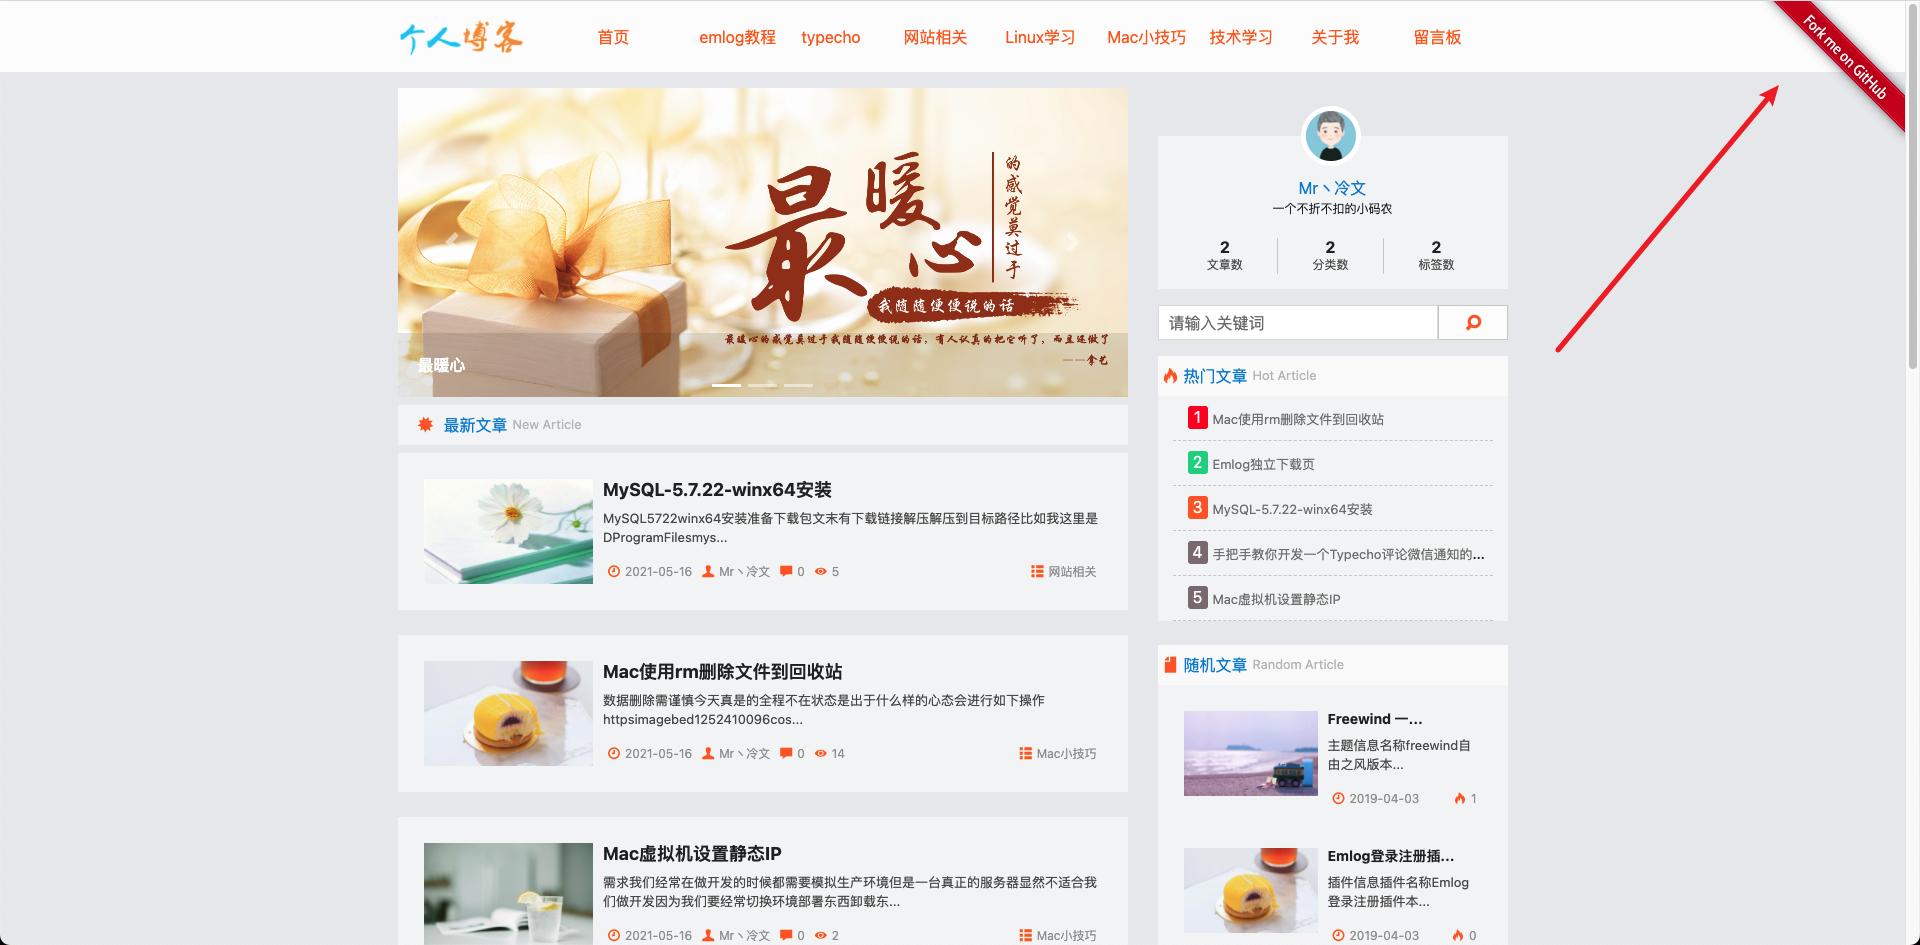 https://imagebed-1252410096.cos.ap-nanjing.myqcloud.com/20210525/98f5b3e70e2c4ae1a7b122b36f150e93.png